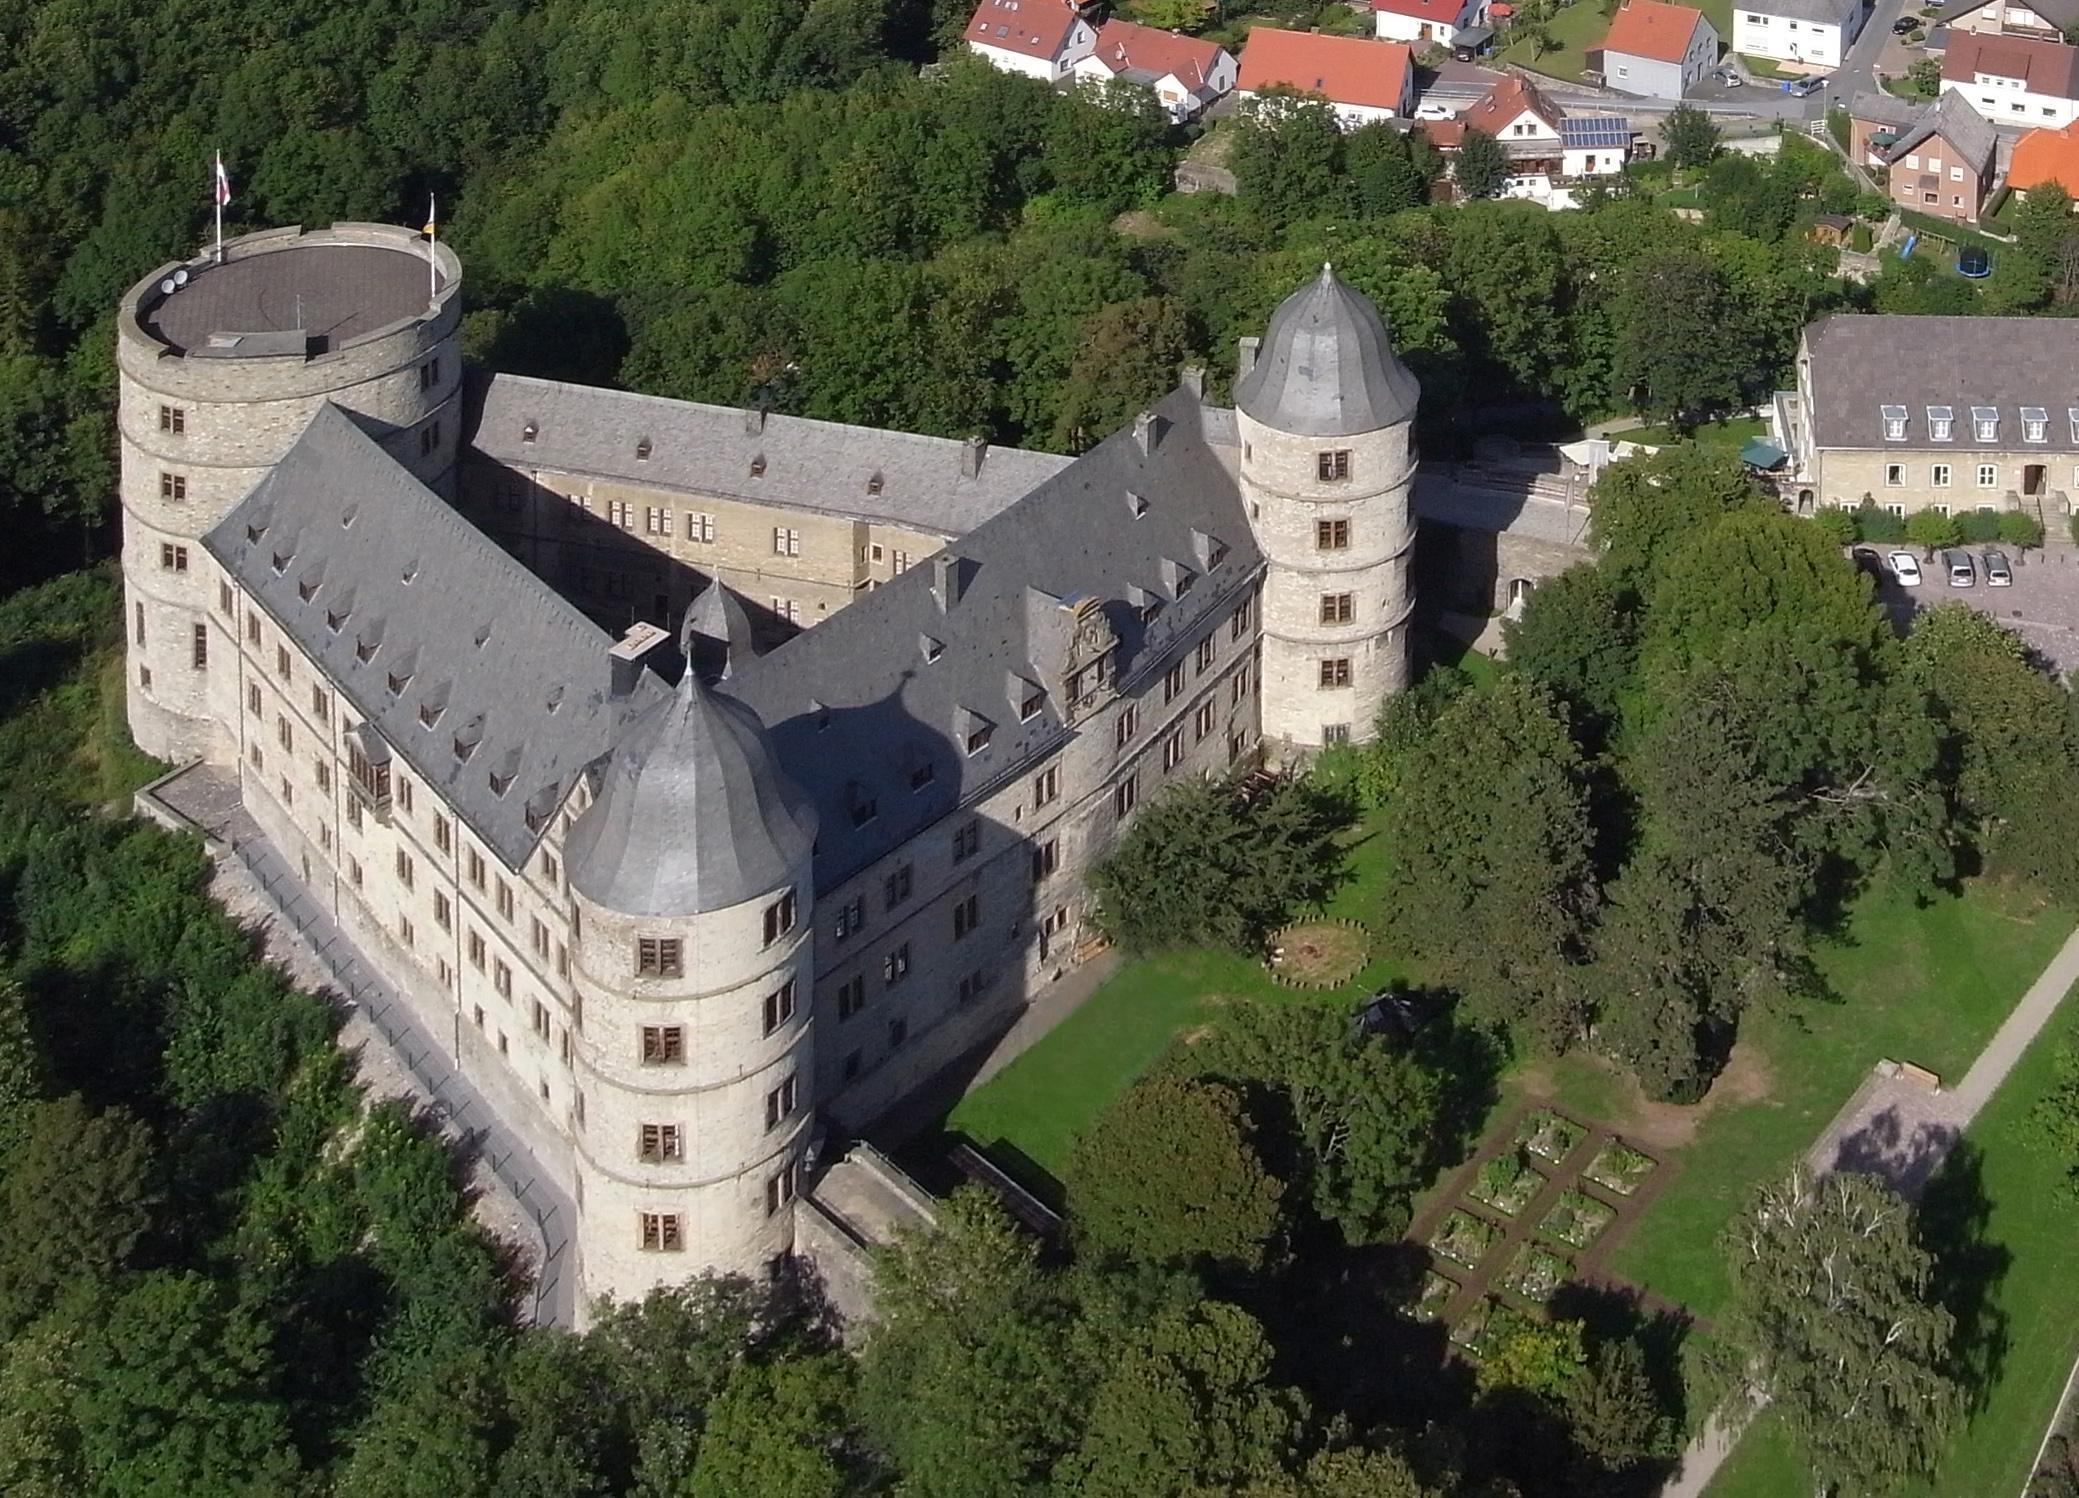 Luftbild der Wewelsburg